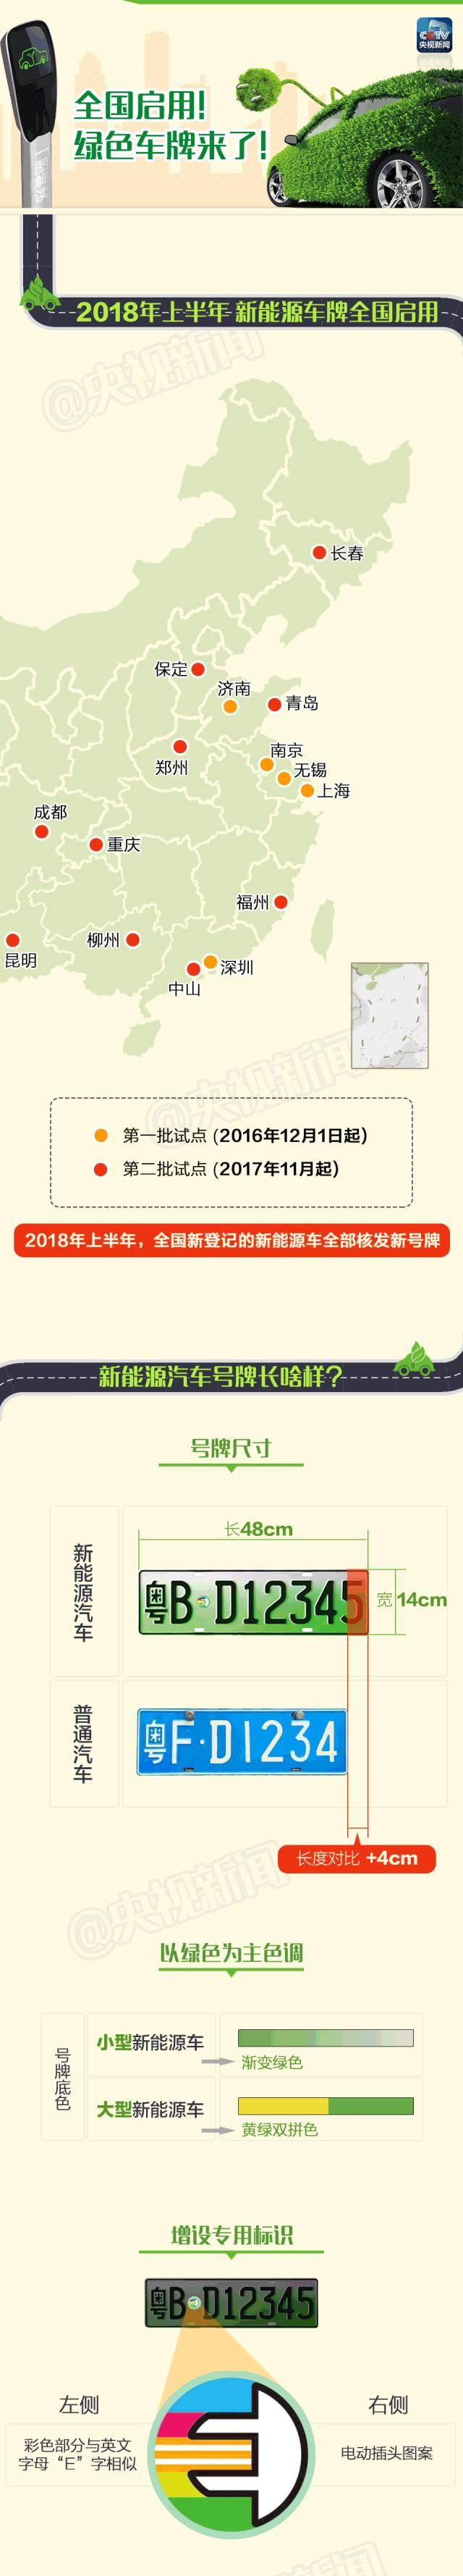 北京新能源车专用号牌12月28日起启用:以绿色为主色调 有专用标识